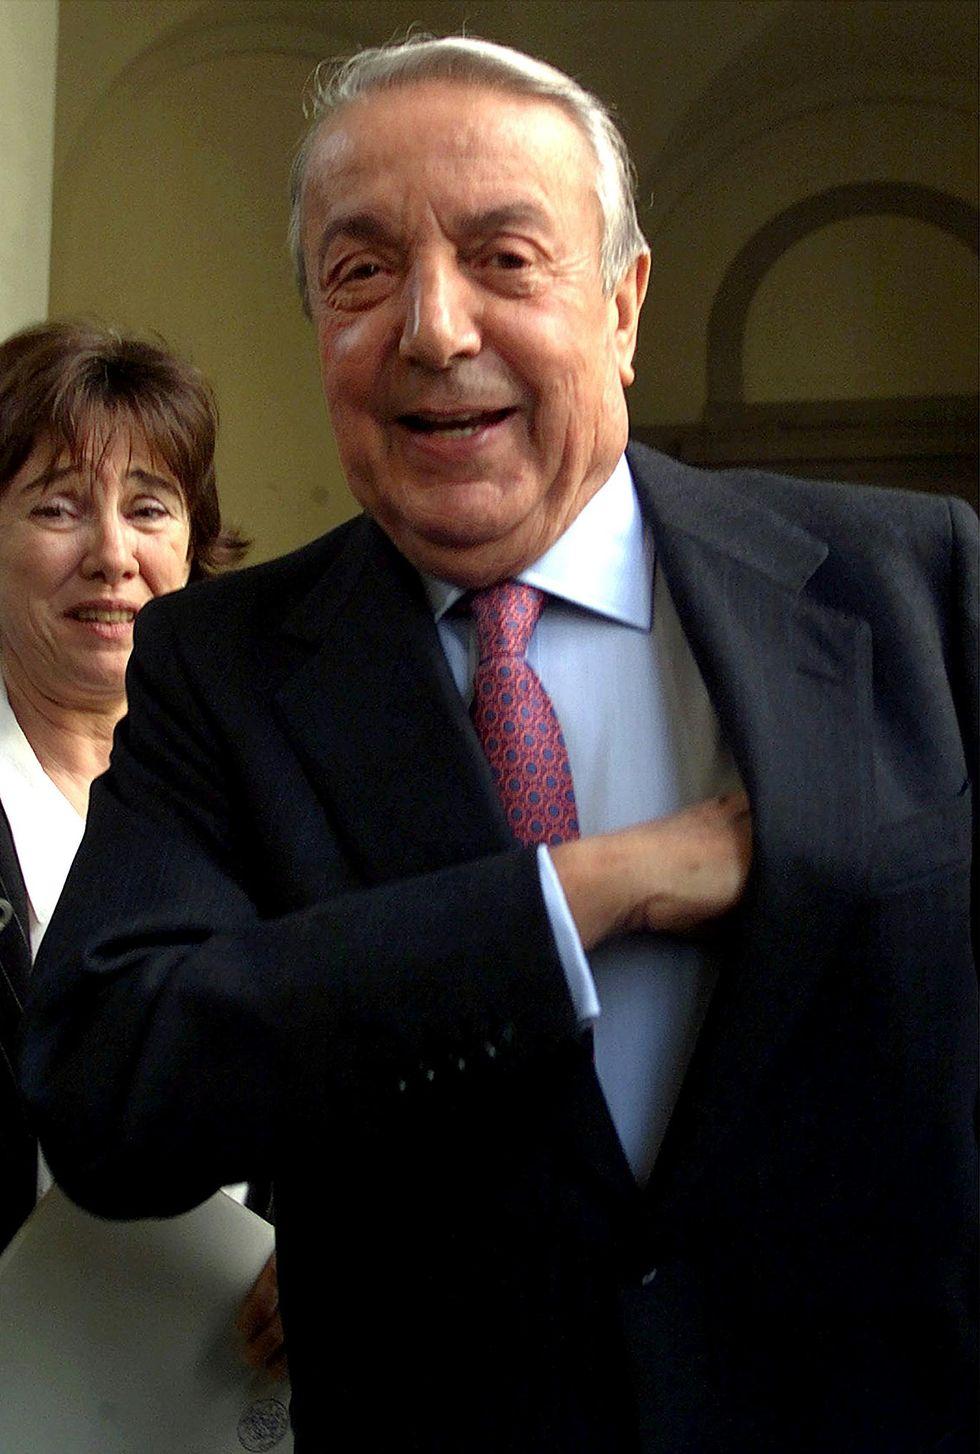 Ilva ed Emilio Riva: imprenditore schivo, duro, cinico